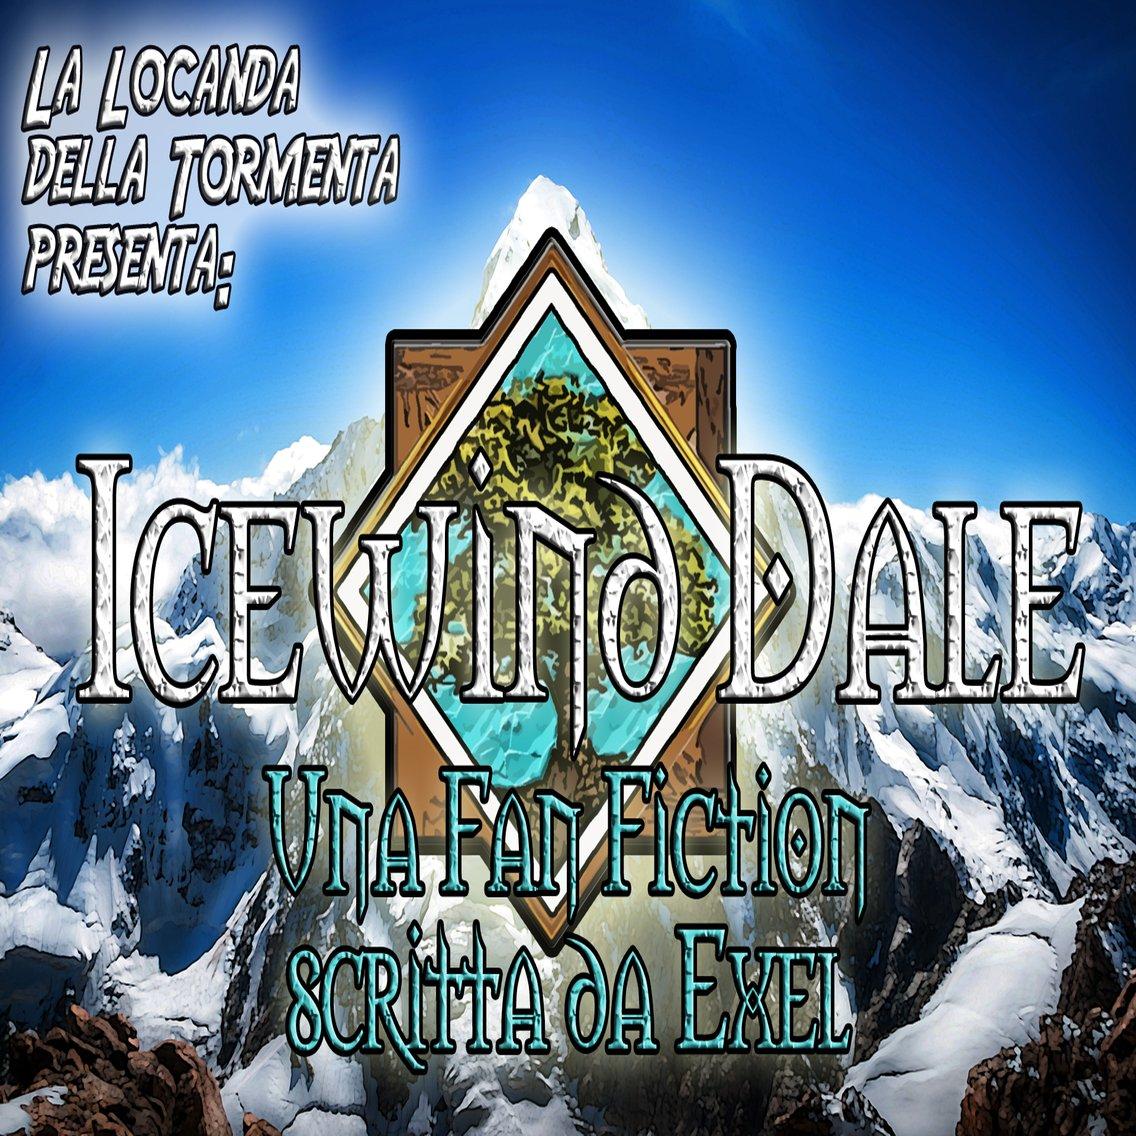 Icewind Dale - Fan fiction scritta da Exel - immagine di copertina